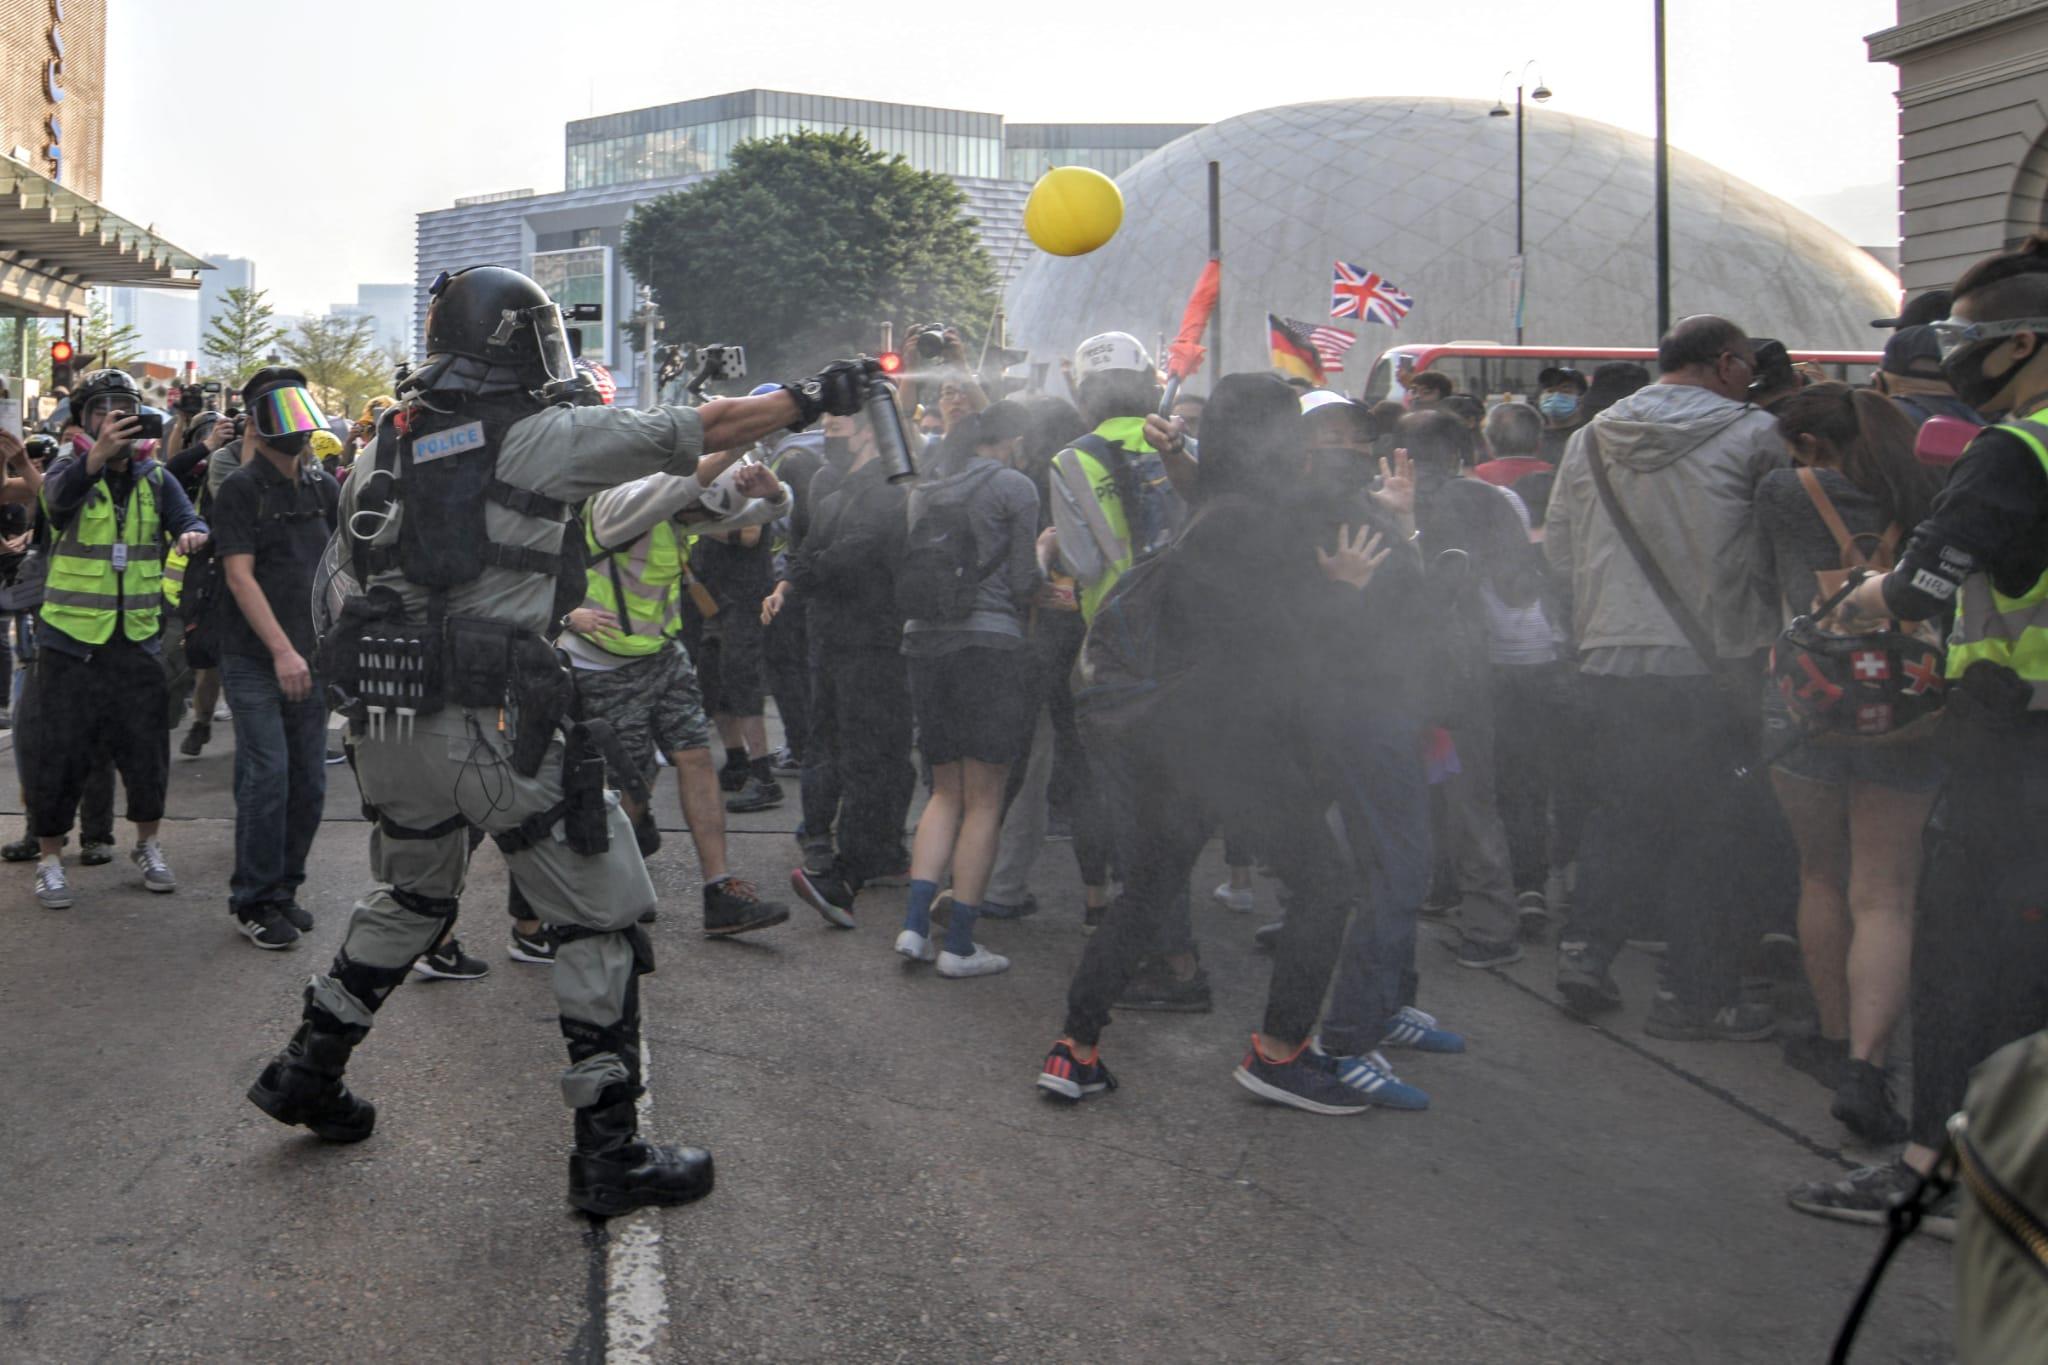 防暴警察噴射胡椒噴霧驅散人群